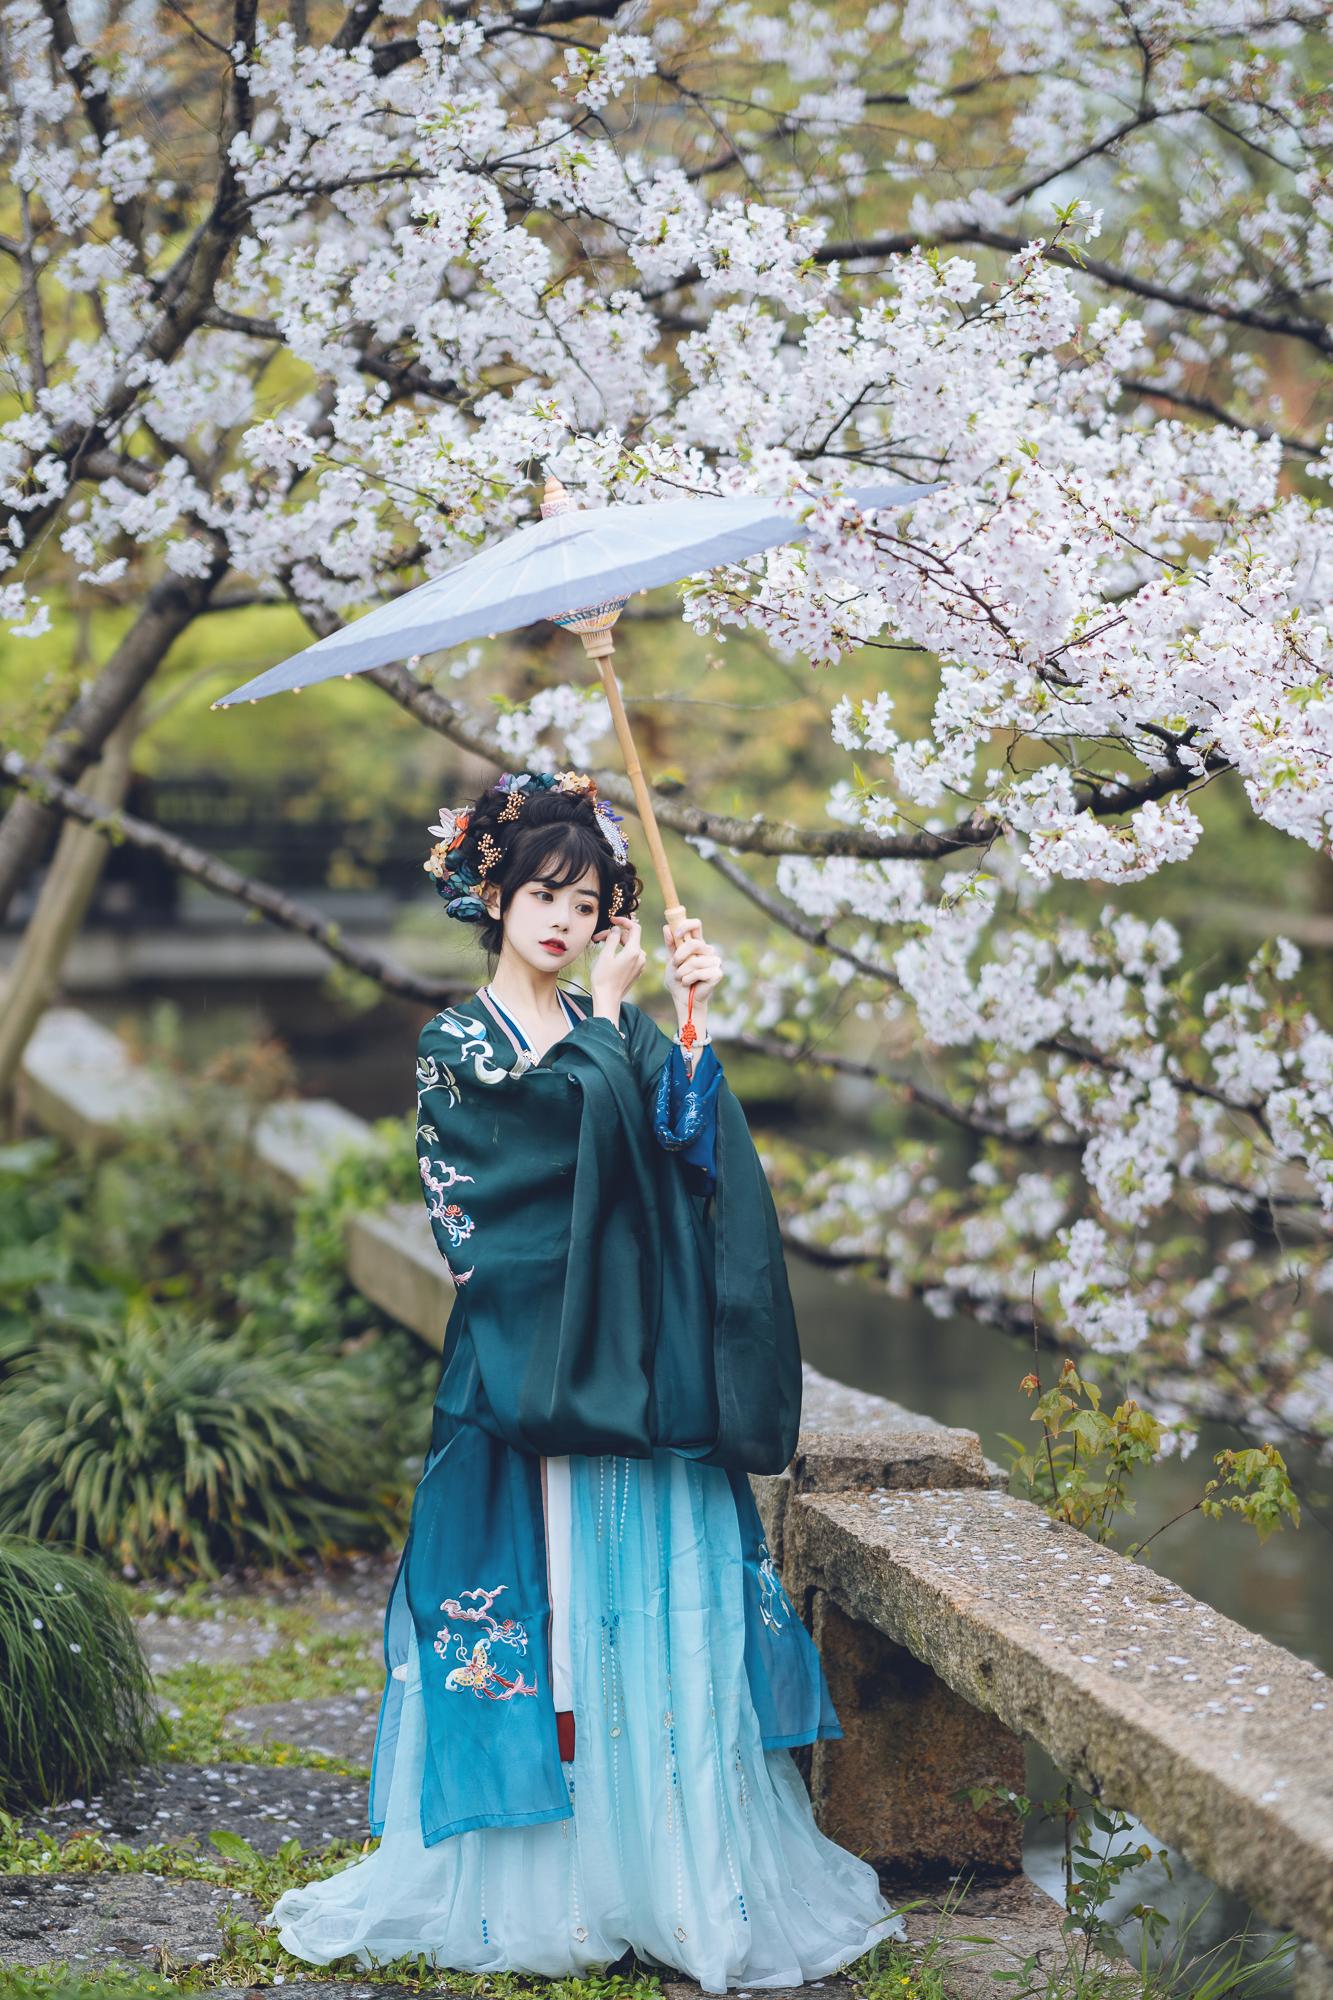 春花集 III 拍着拍着下起了雨插图(4)